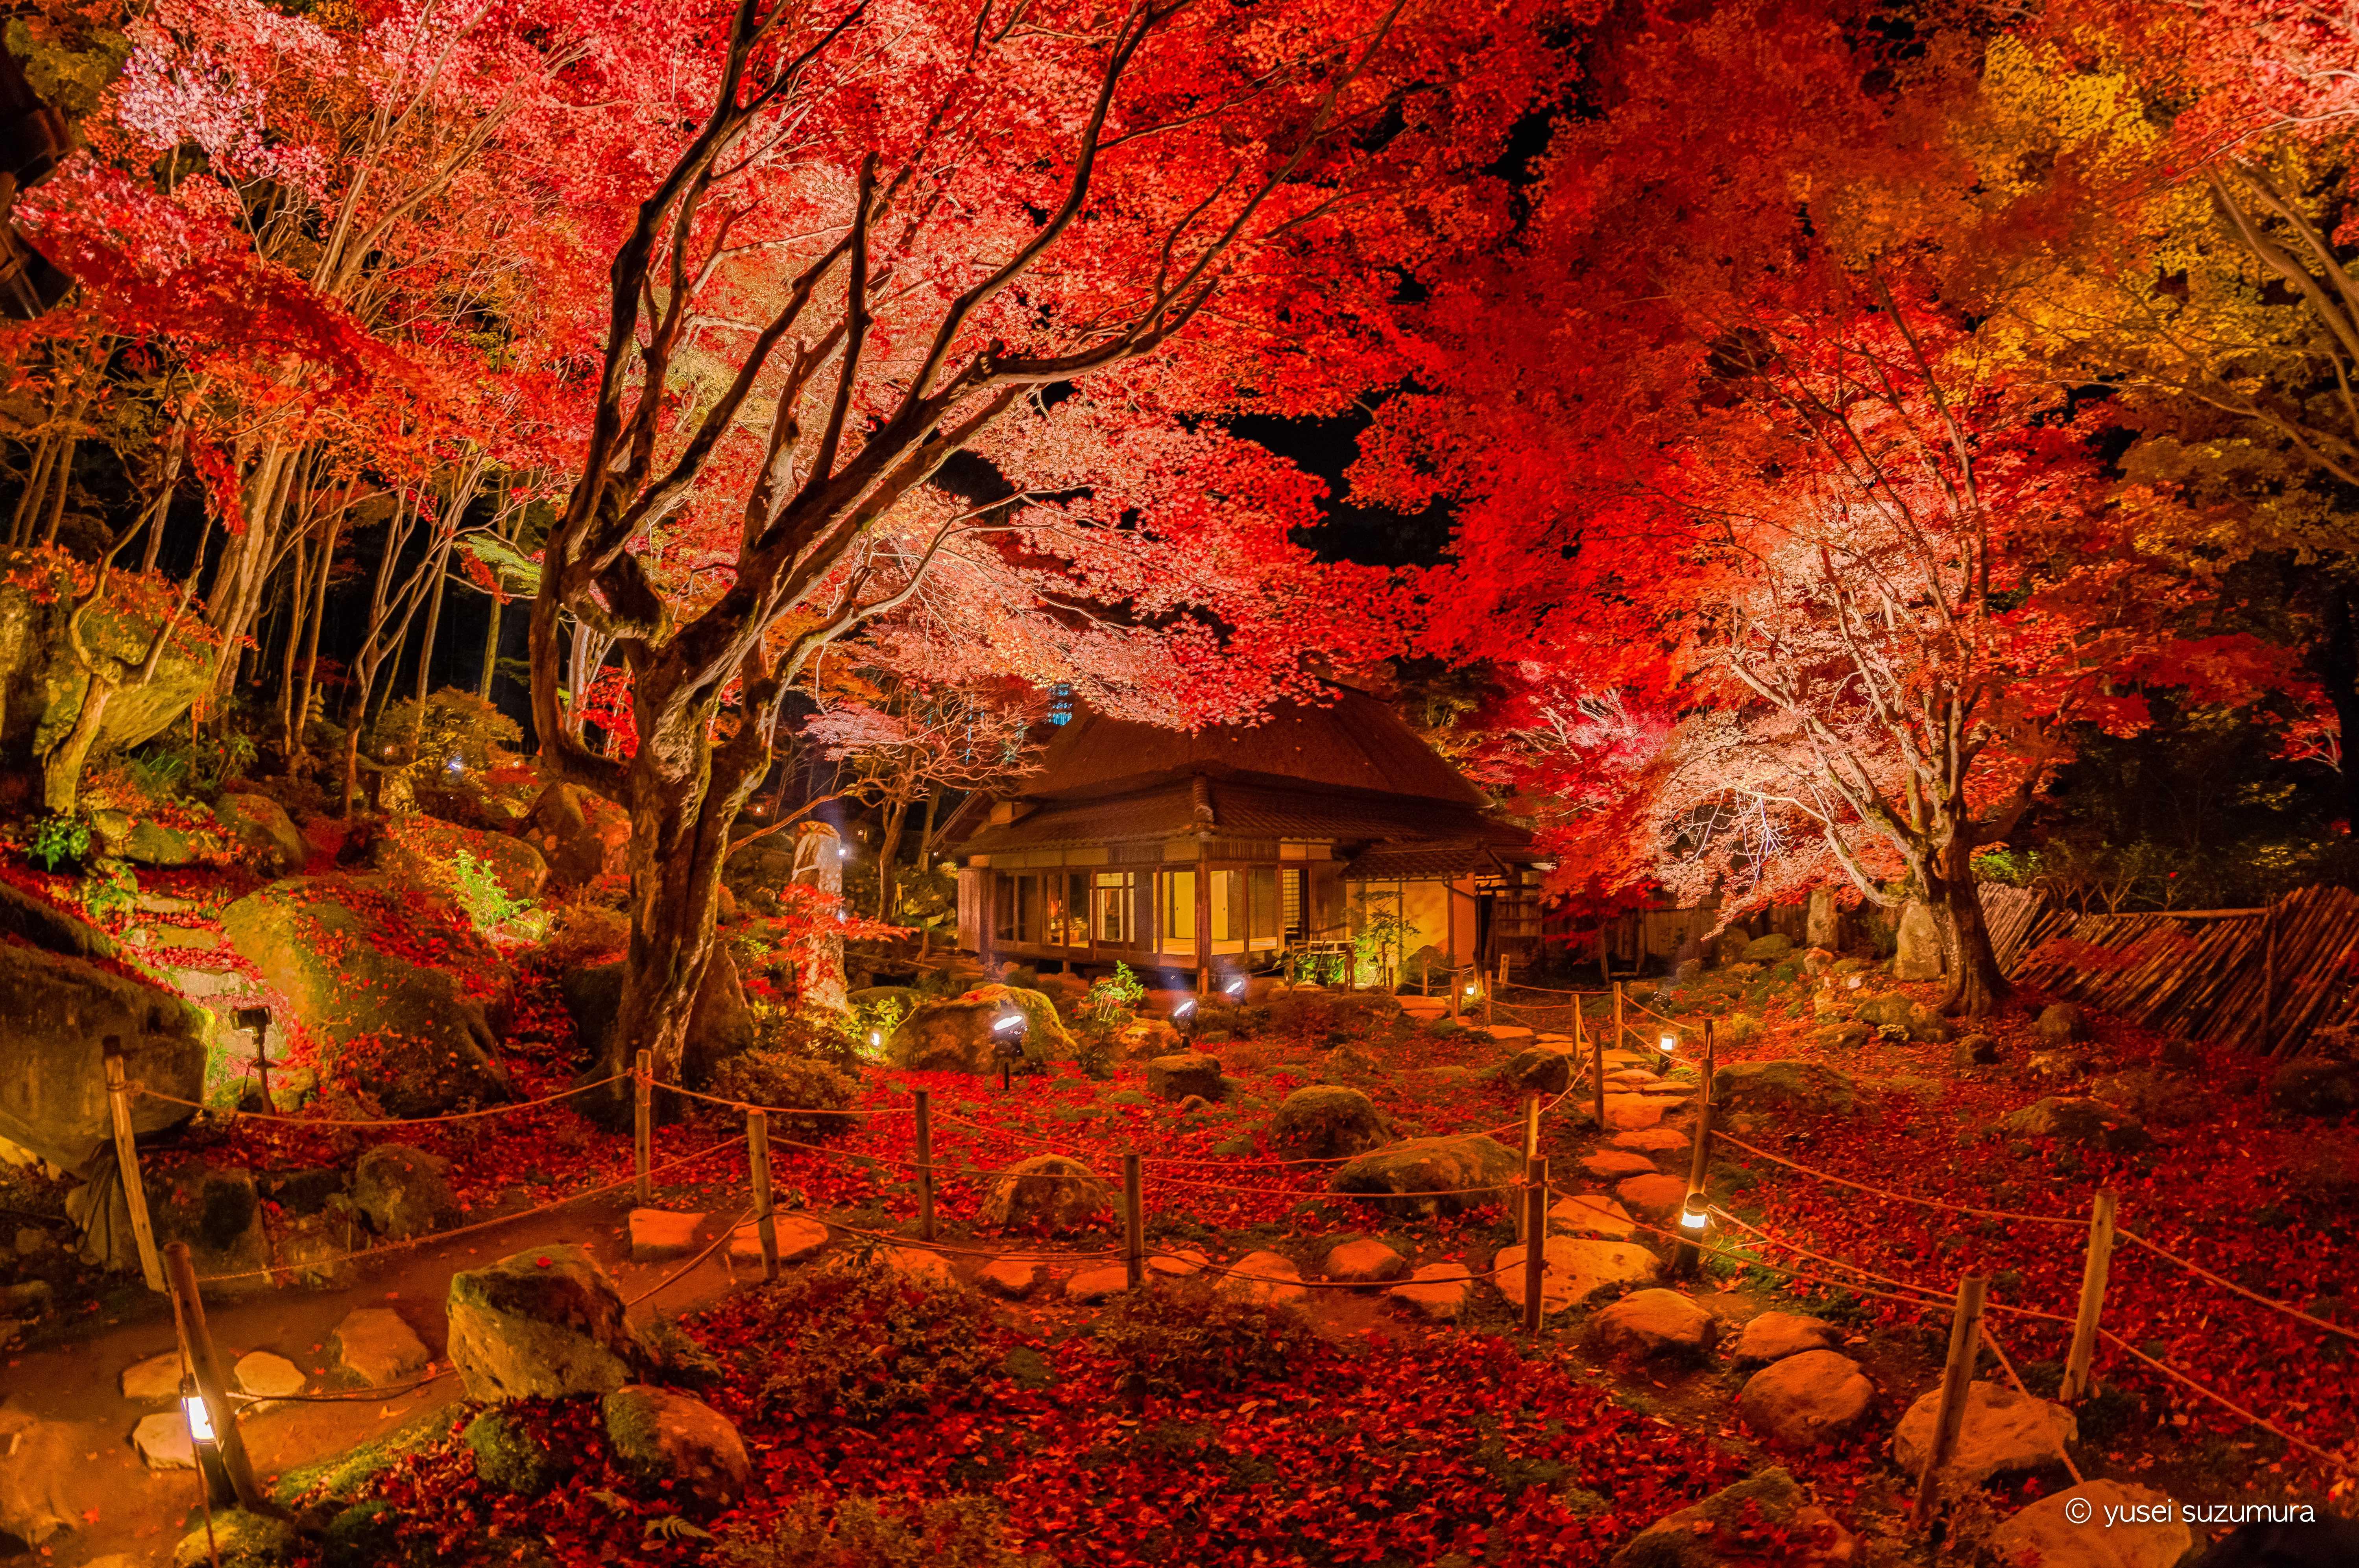 紅葉のライトアップ。滋賀県の教林坊へ行ってきた。